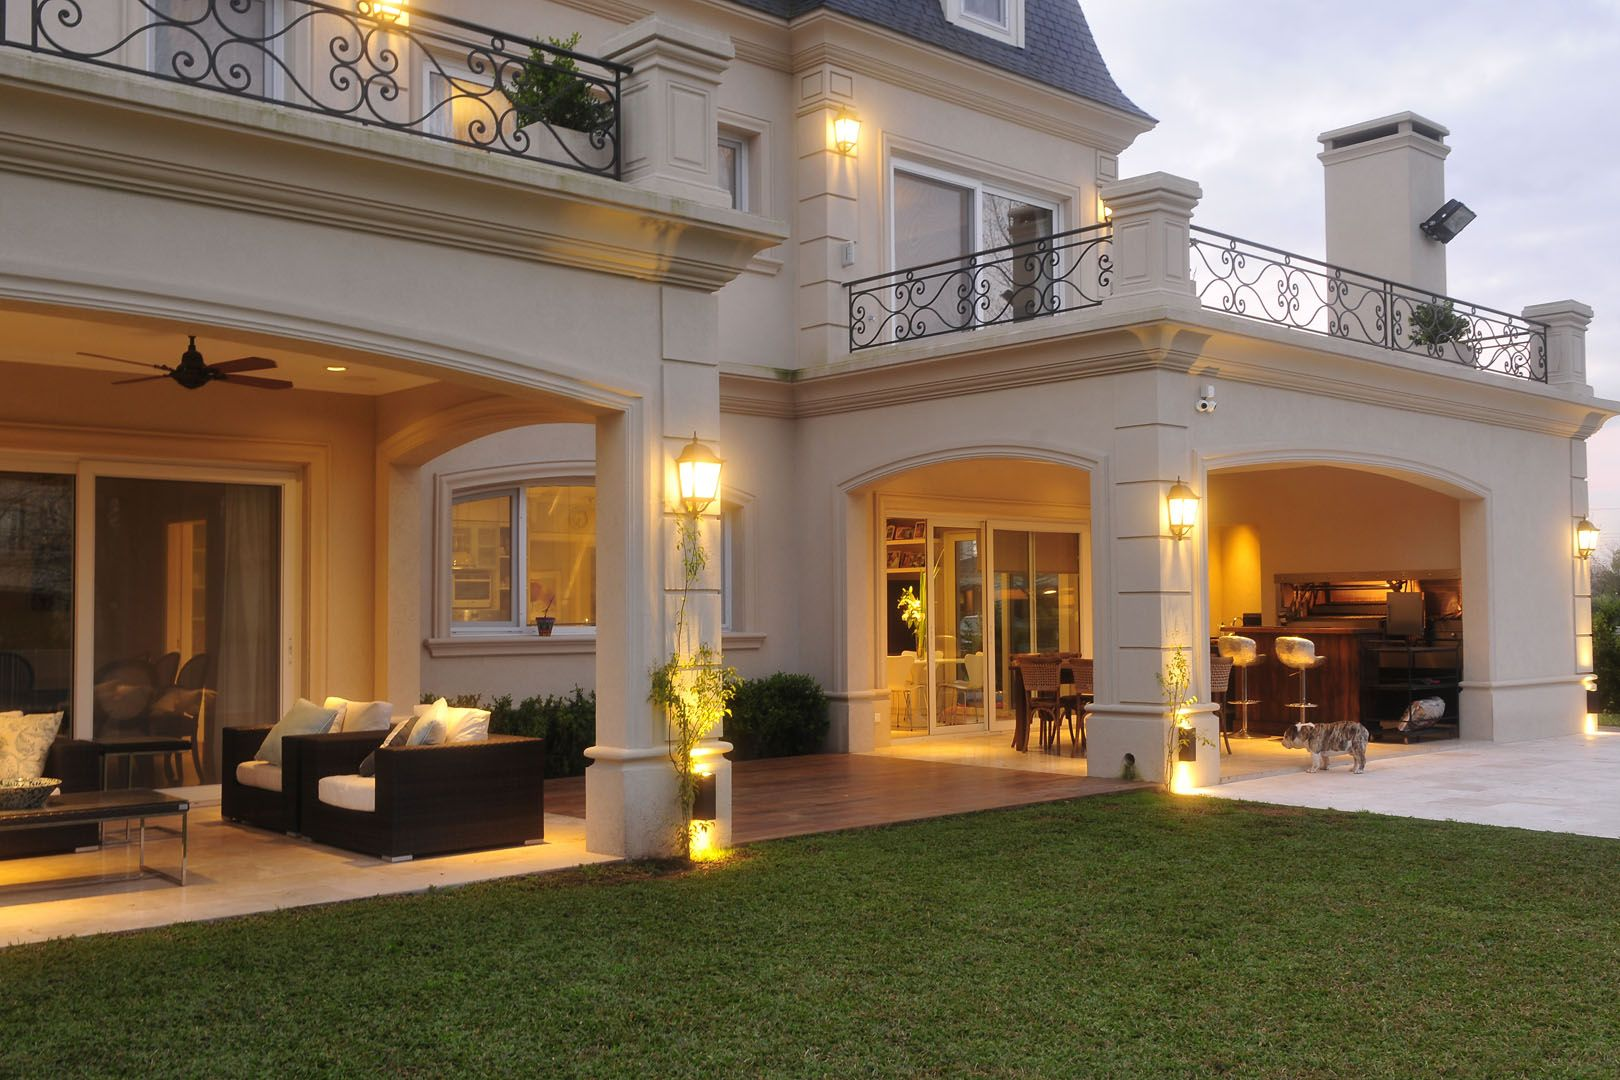 Fern ndez borda arquitectura casas modernas casas con for Fachadas de casas estilo clasico